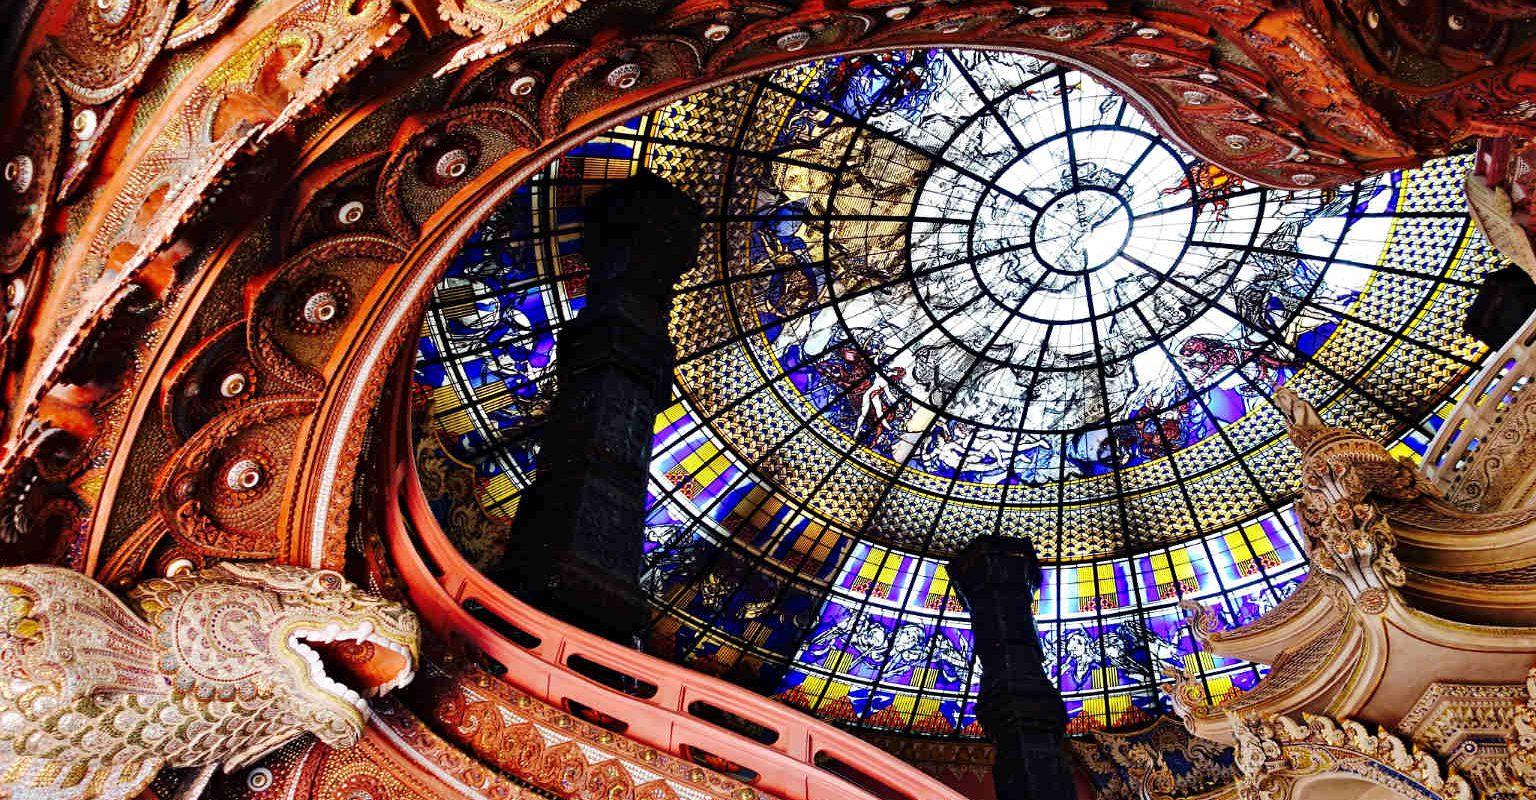 Trap van het Erawan Museumm naar het dak van glas in lood.